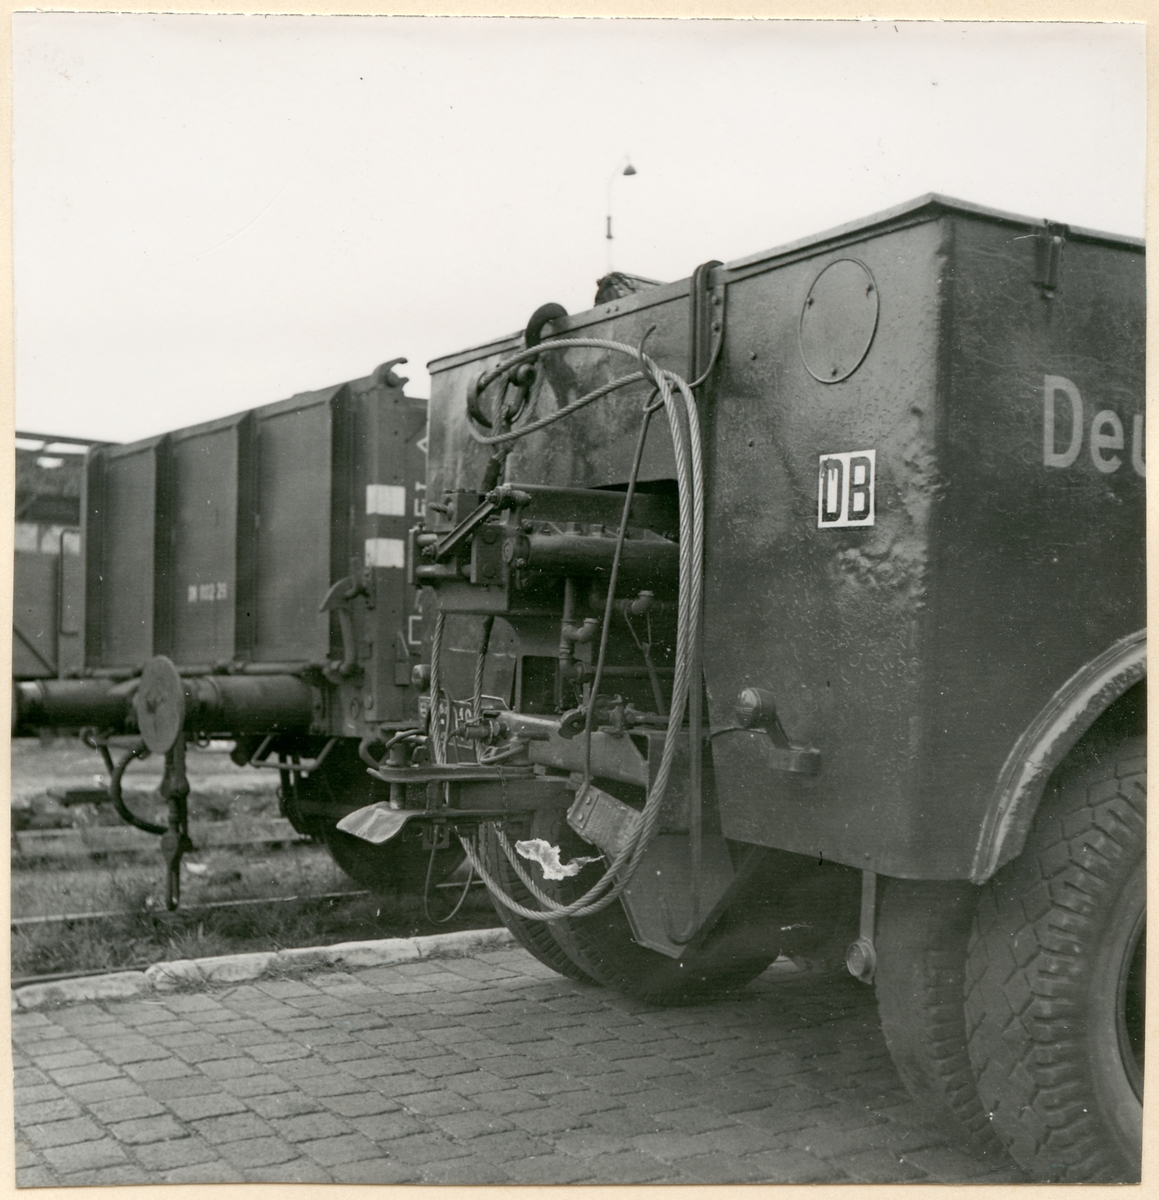 Bakdel av Deutsche Bundesbahn lastbil.